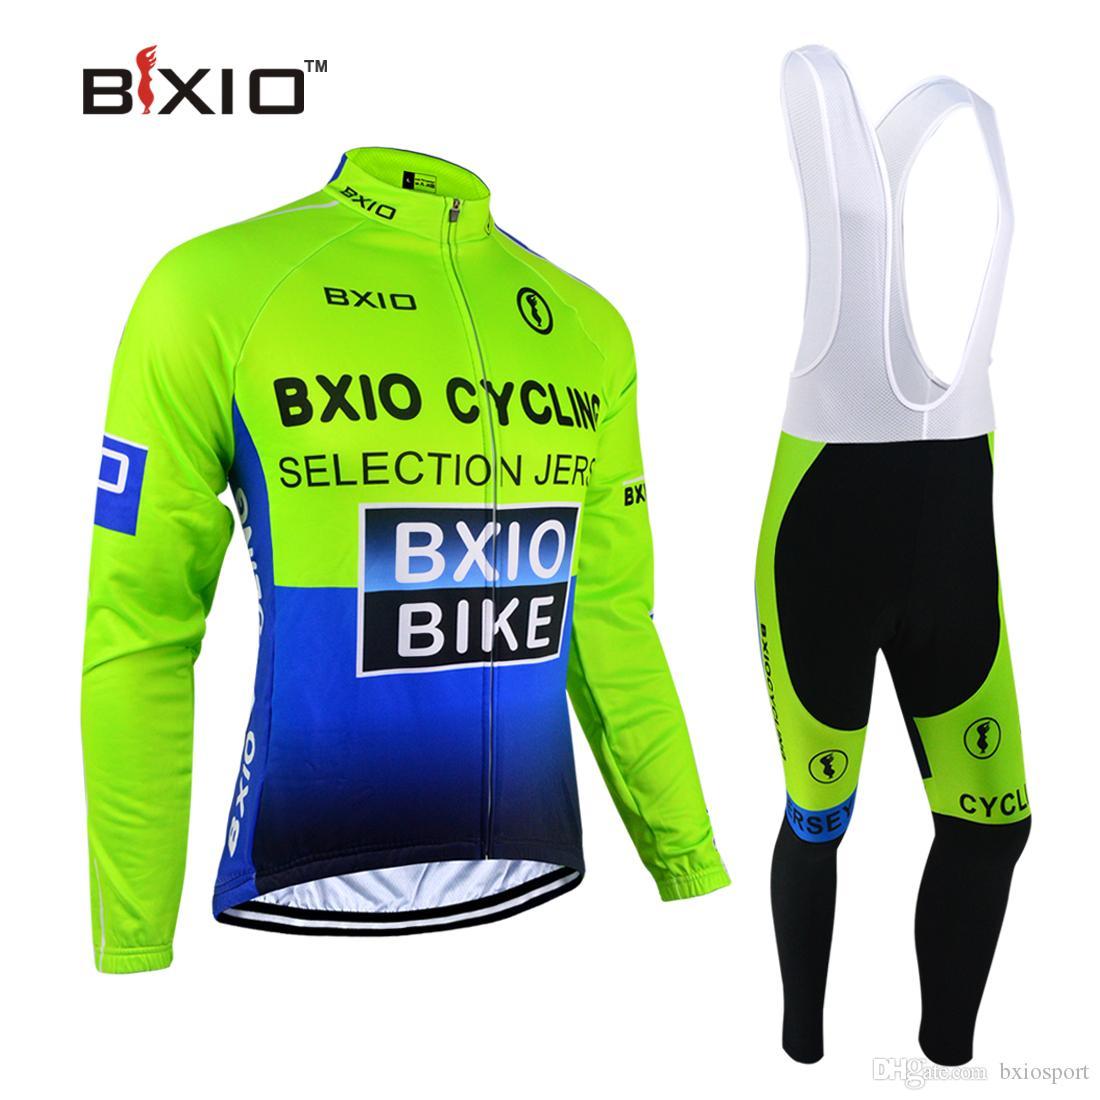 BXIO 사이클링 유니폼 겨울 열 양털 긴 소매 사이클 저지 세트 형광 녹색 자전거 옷 전체 지퍼 자전거 옷 BX-004